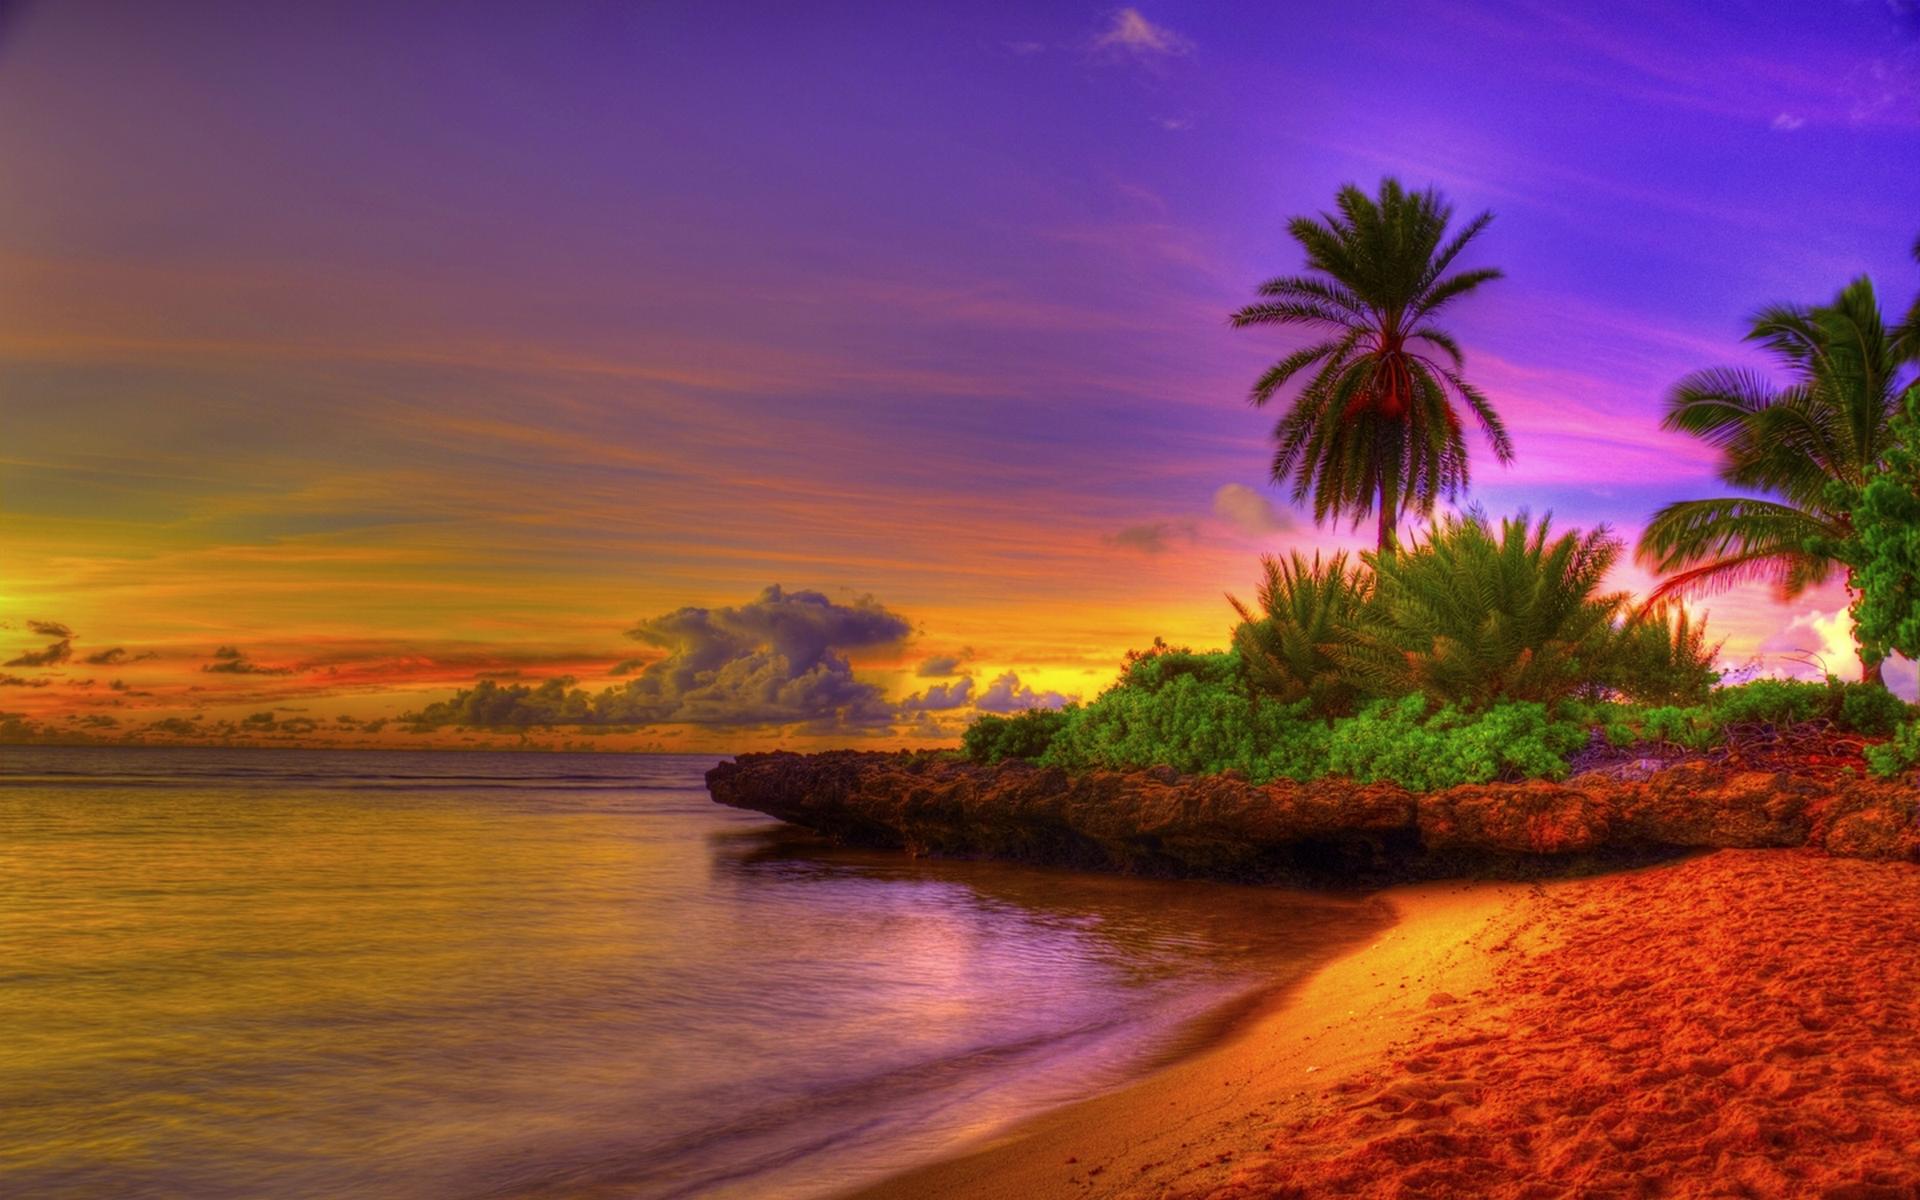 Tropical Beach HD Wallpaper | Tropical Beach Images |